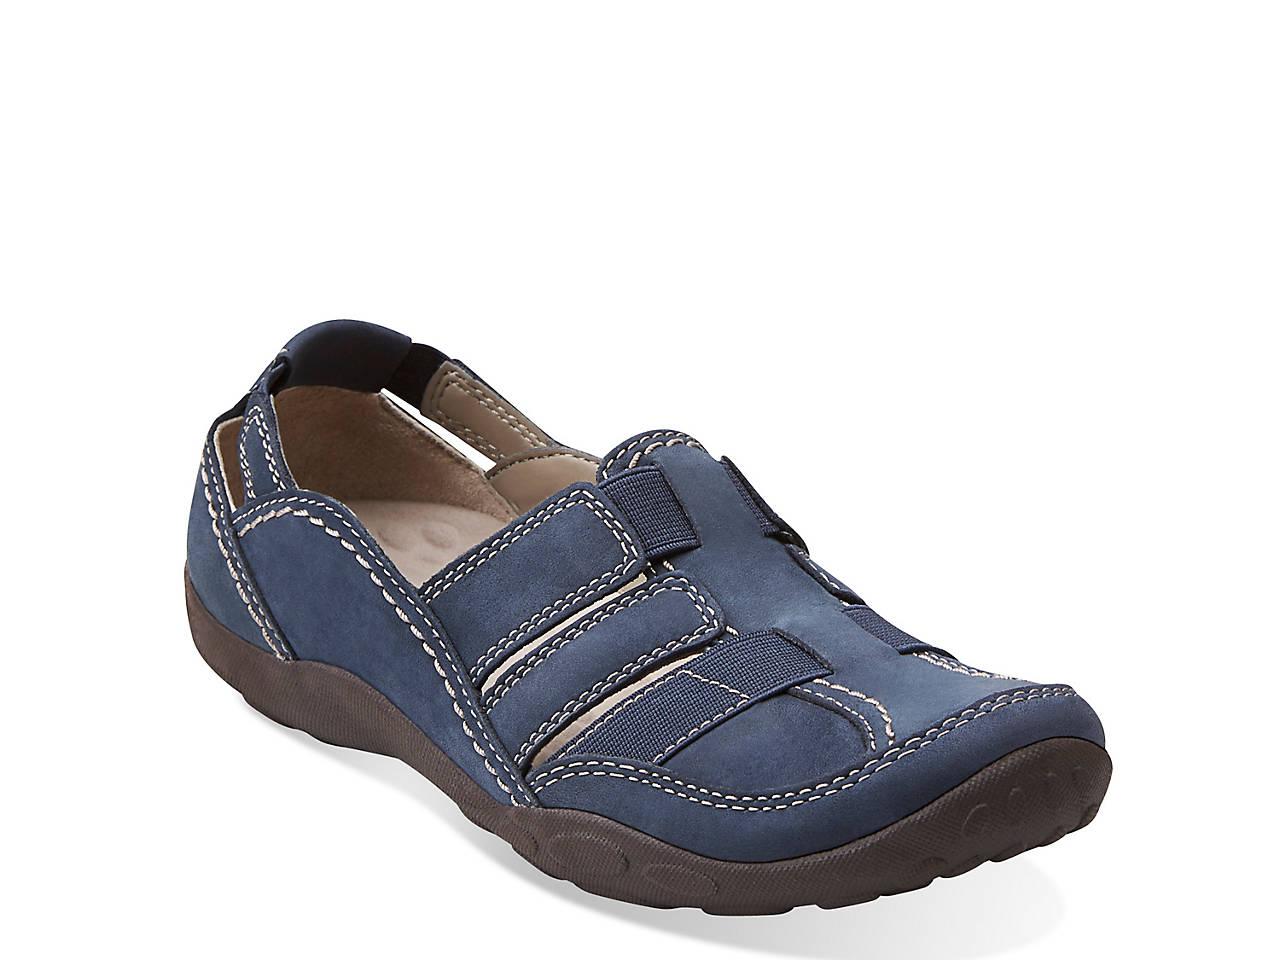 3b92e7d4c129 Clarks Haley Stork Sport Flat Women s Shoes